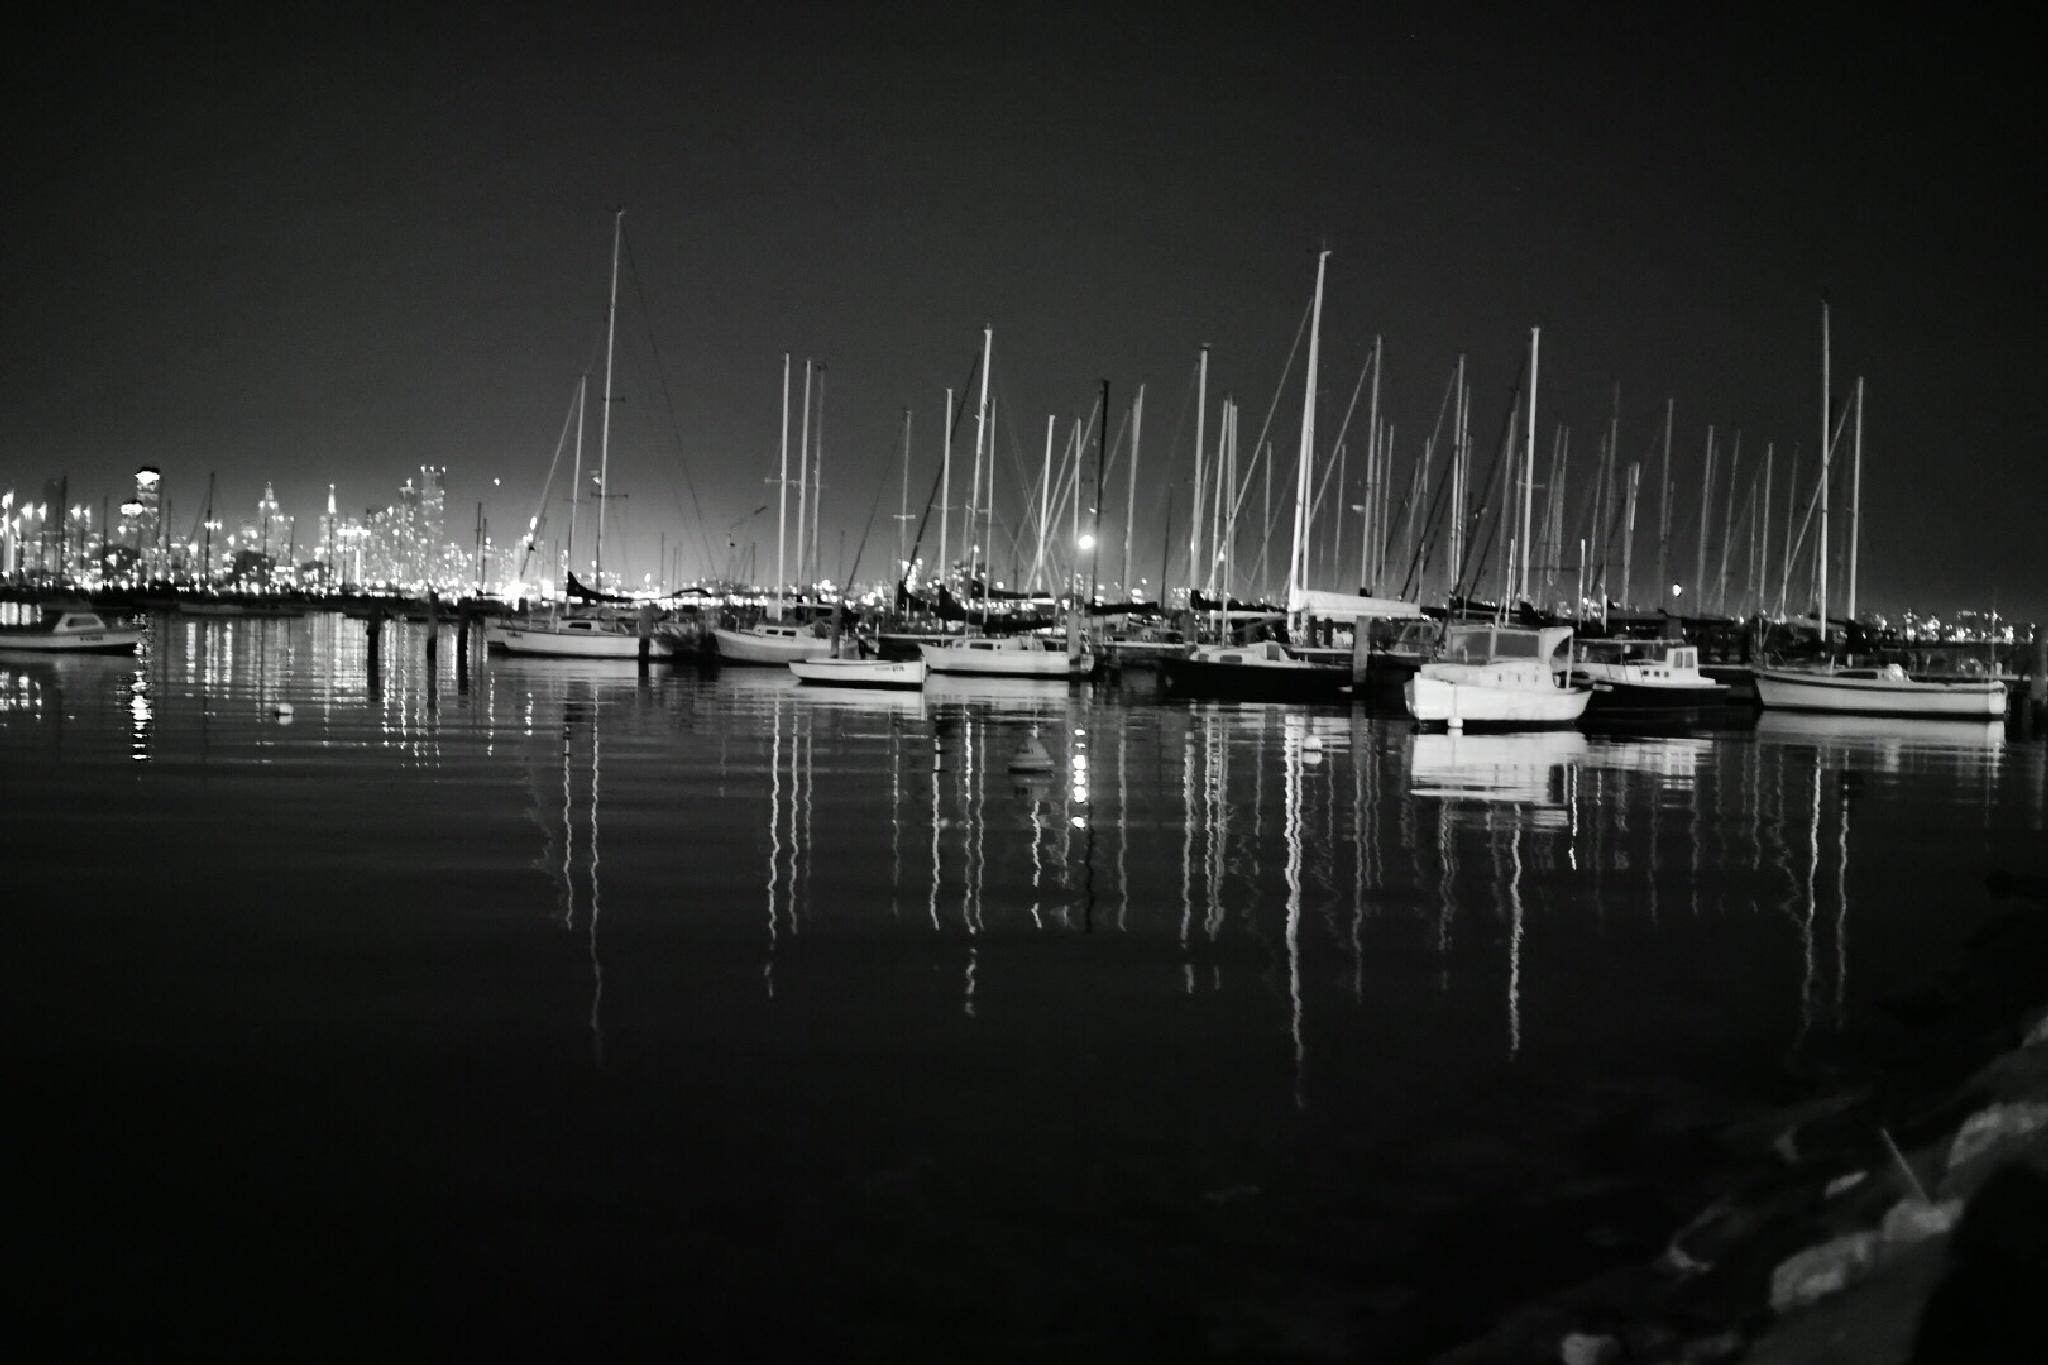 city reflections by Lesya Aleksandrovna